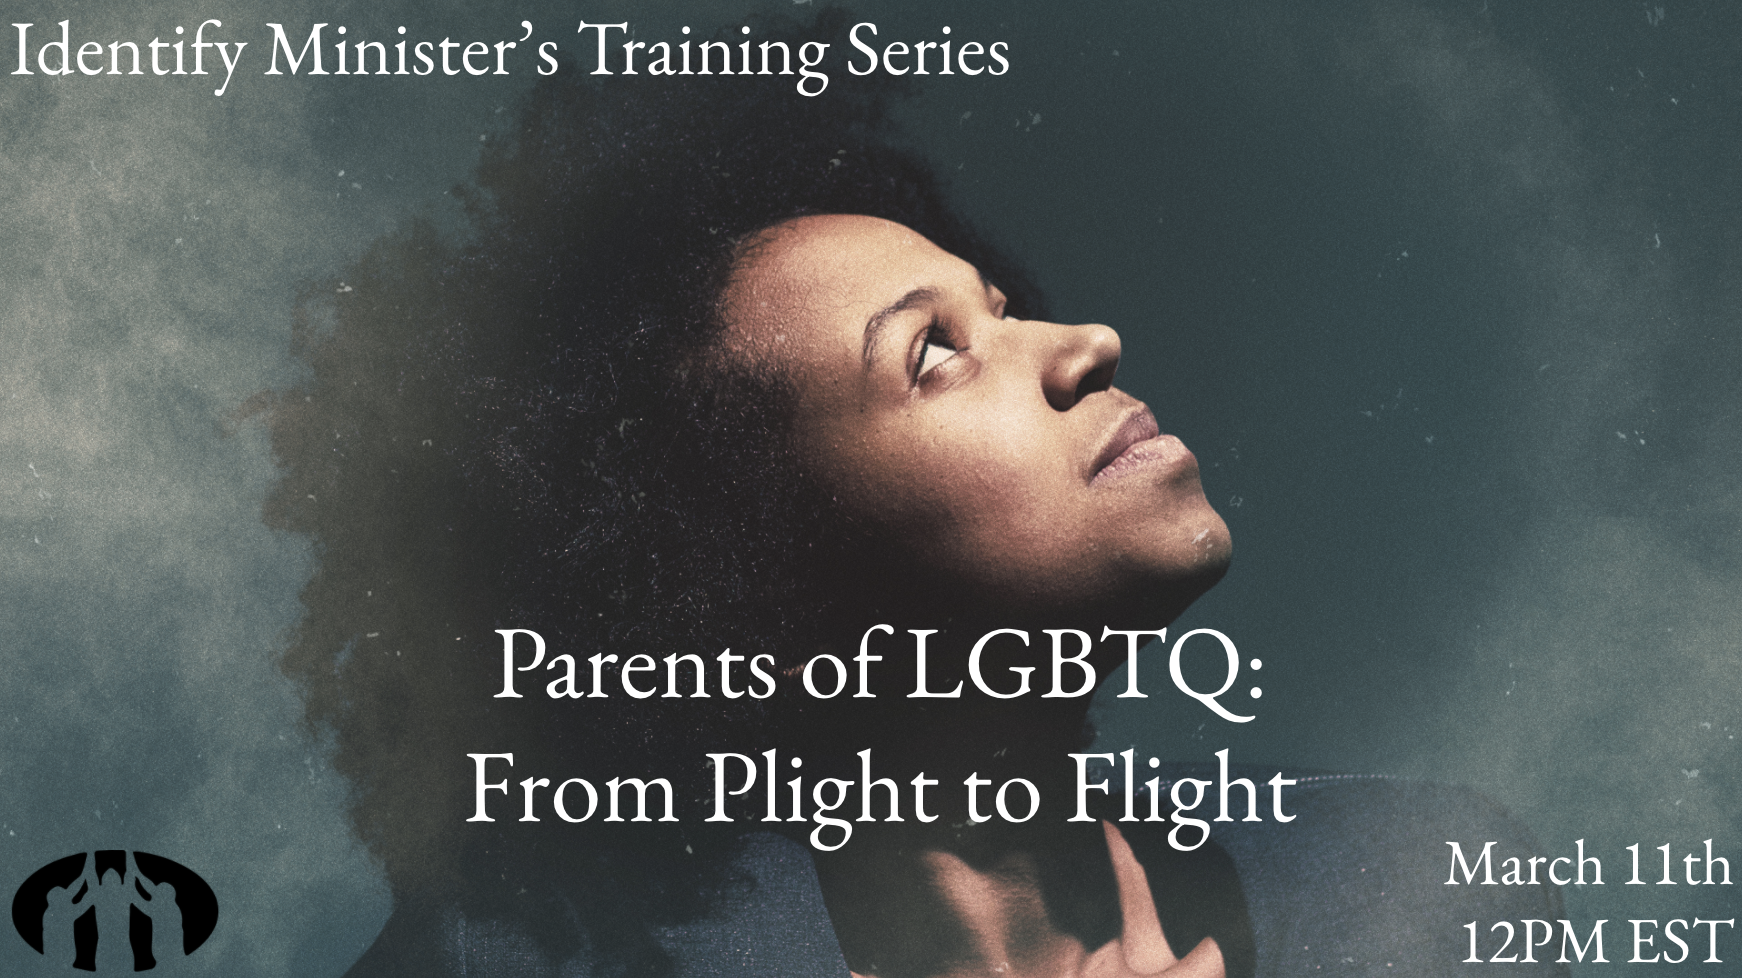 Parents of LGBTQ